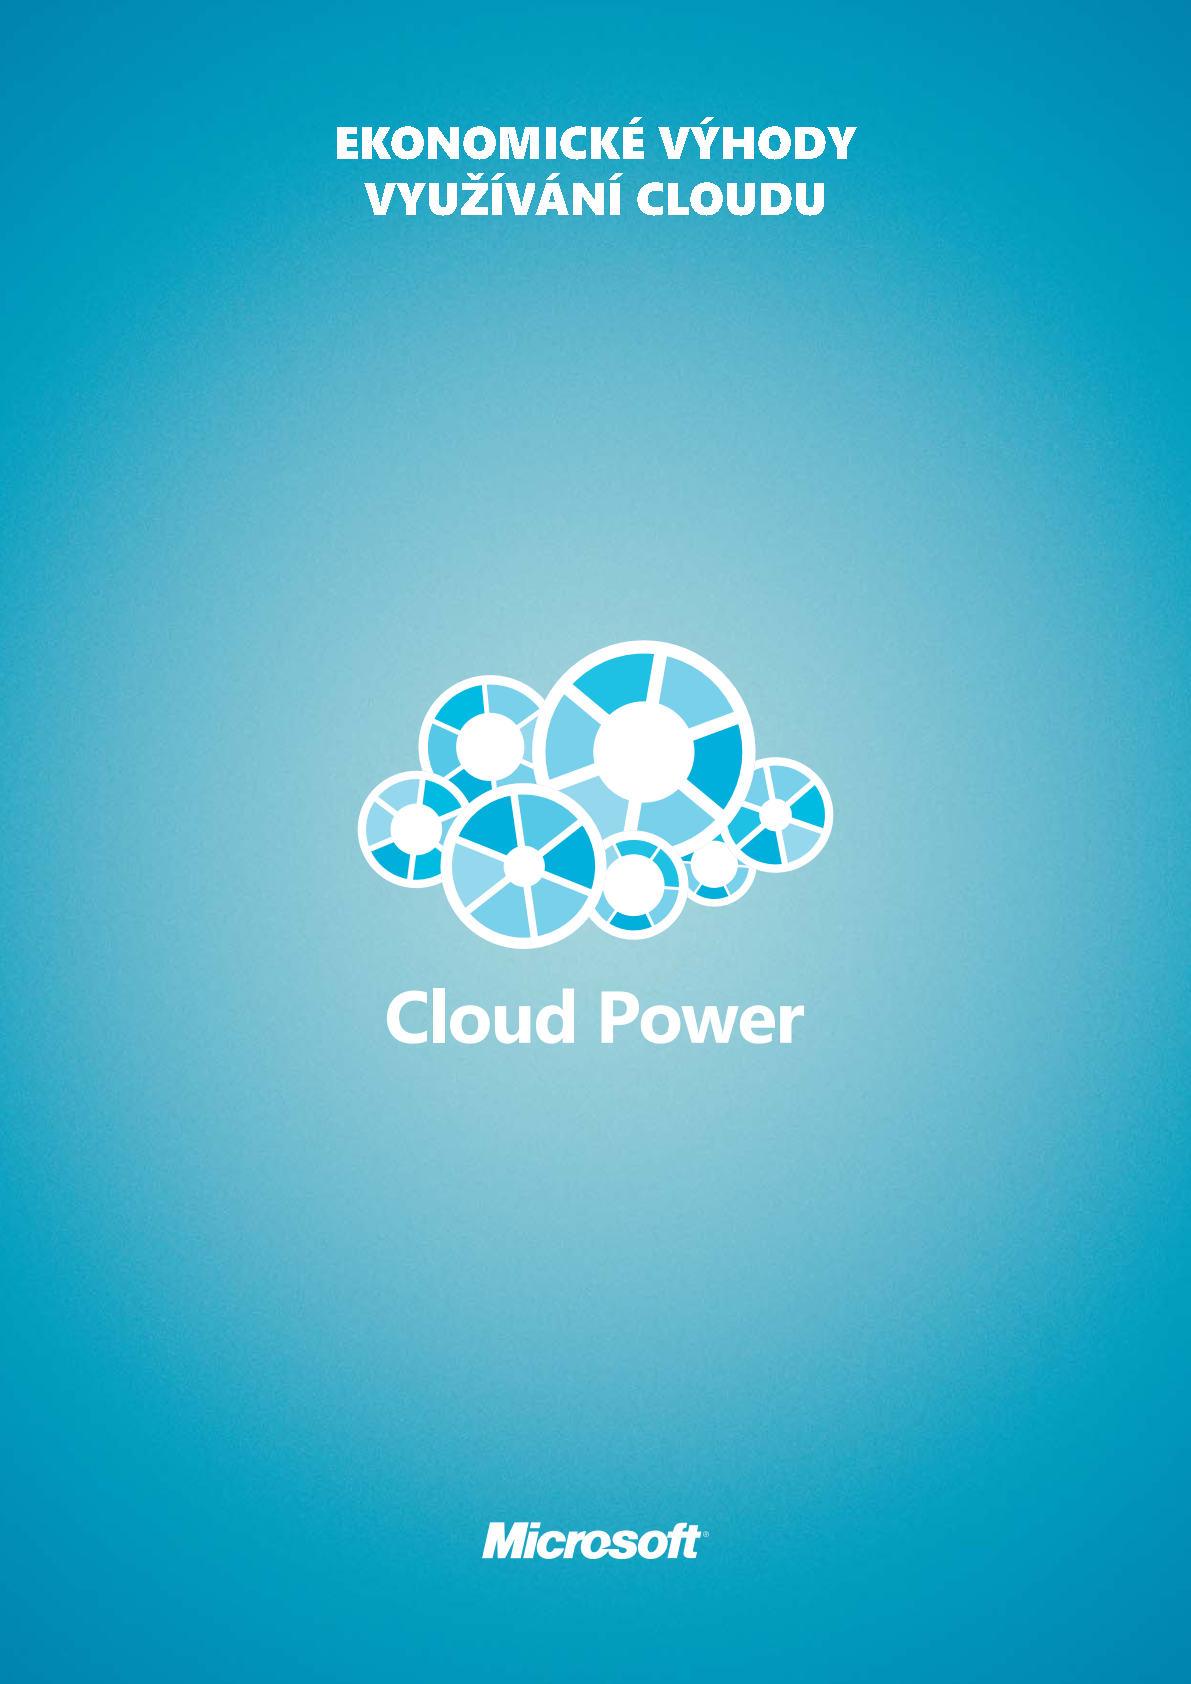 Vyhody vyuzivani cloudu